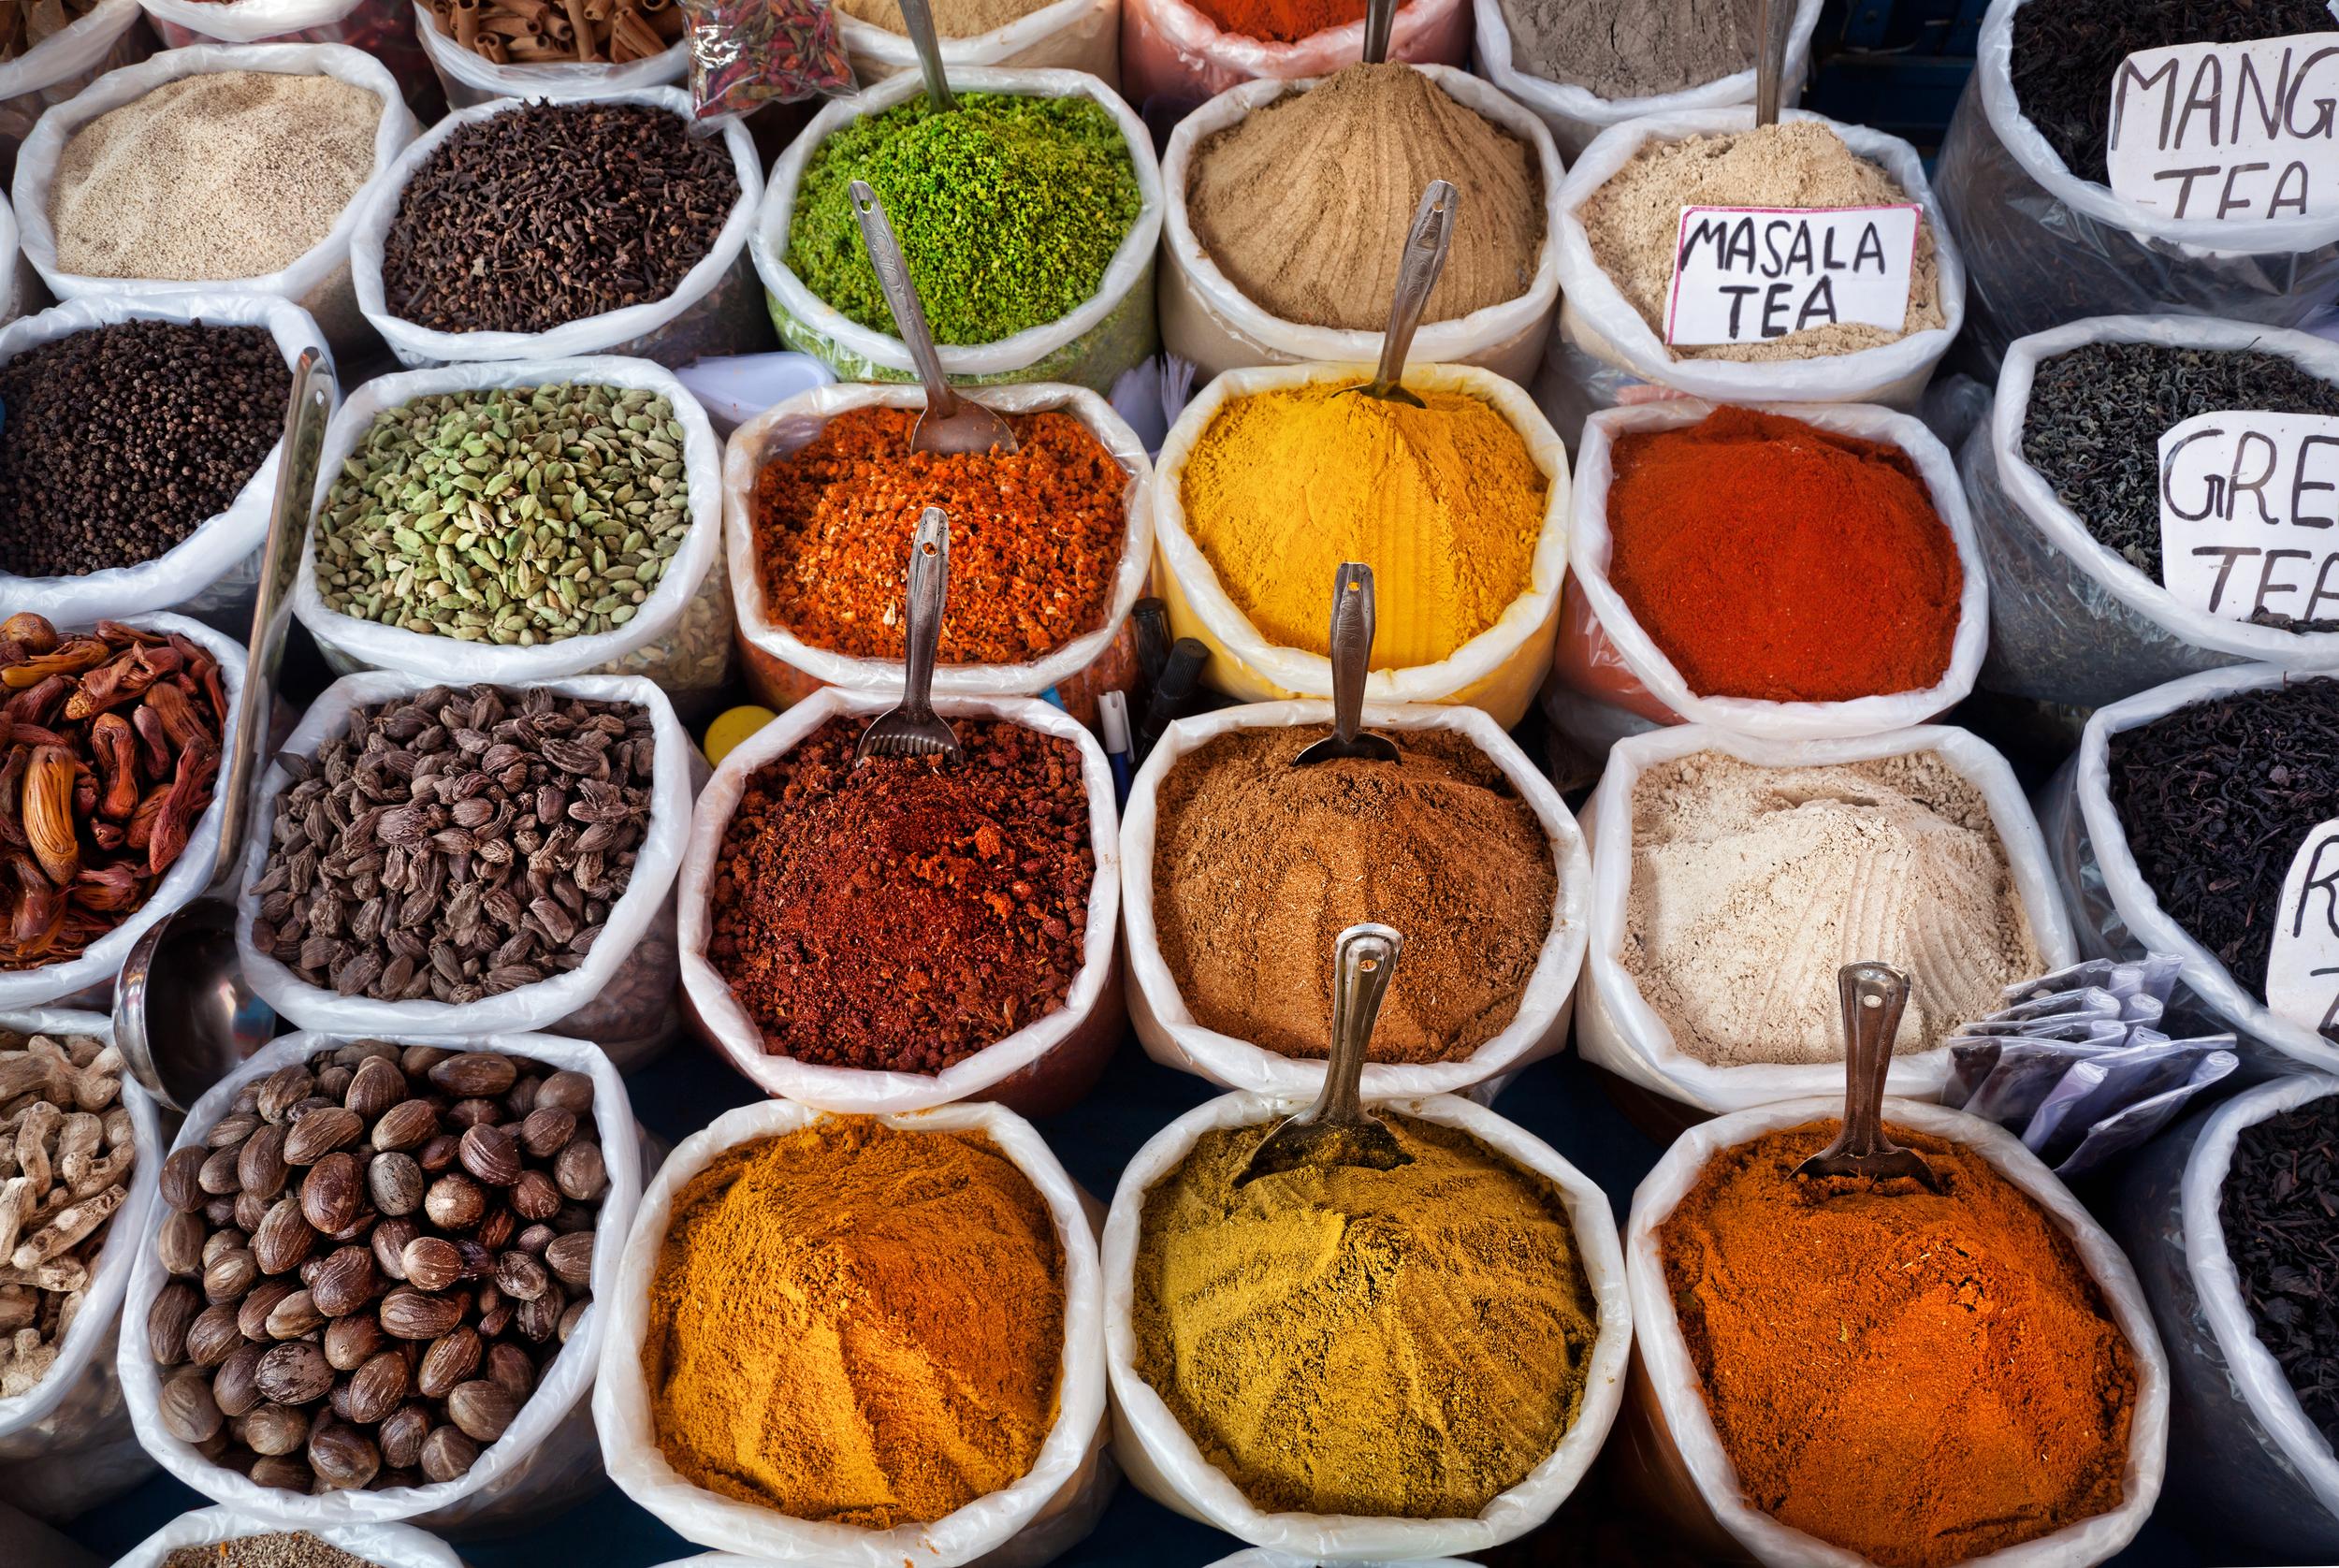 Chto Privezti Iz Indii Kosmetika Hna Kokosovoe Maslo Specii